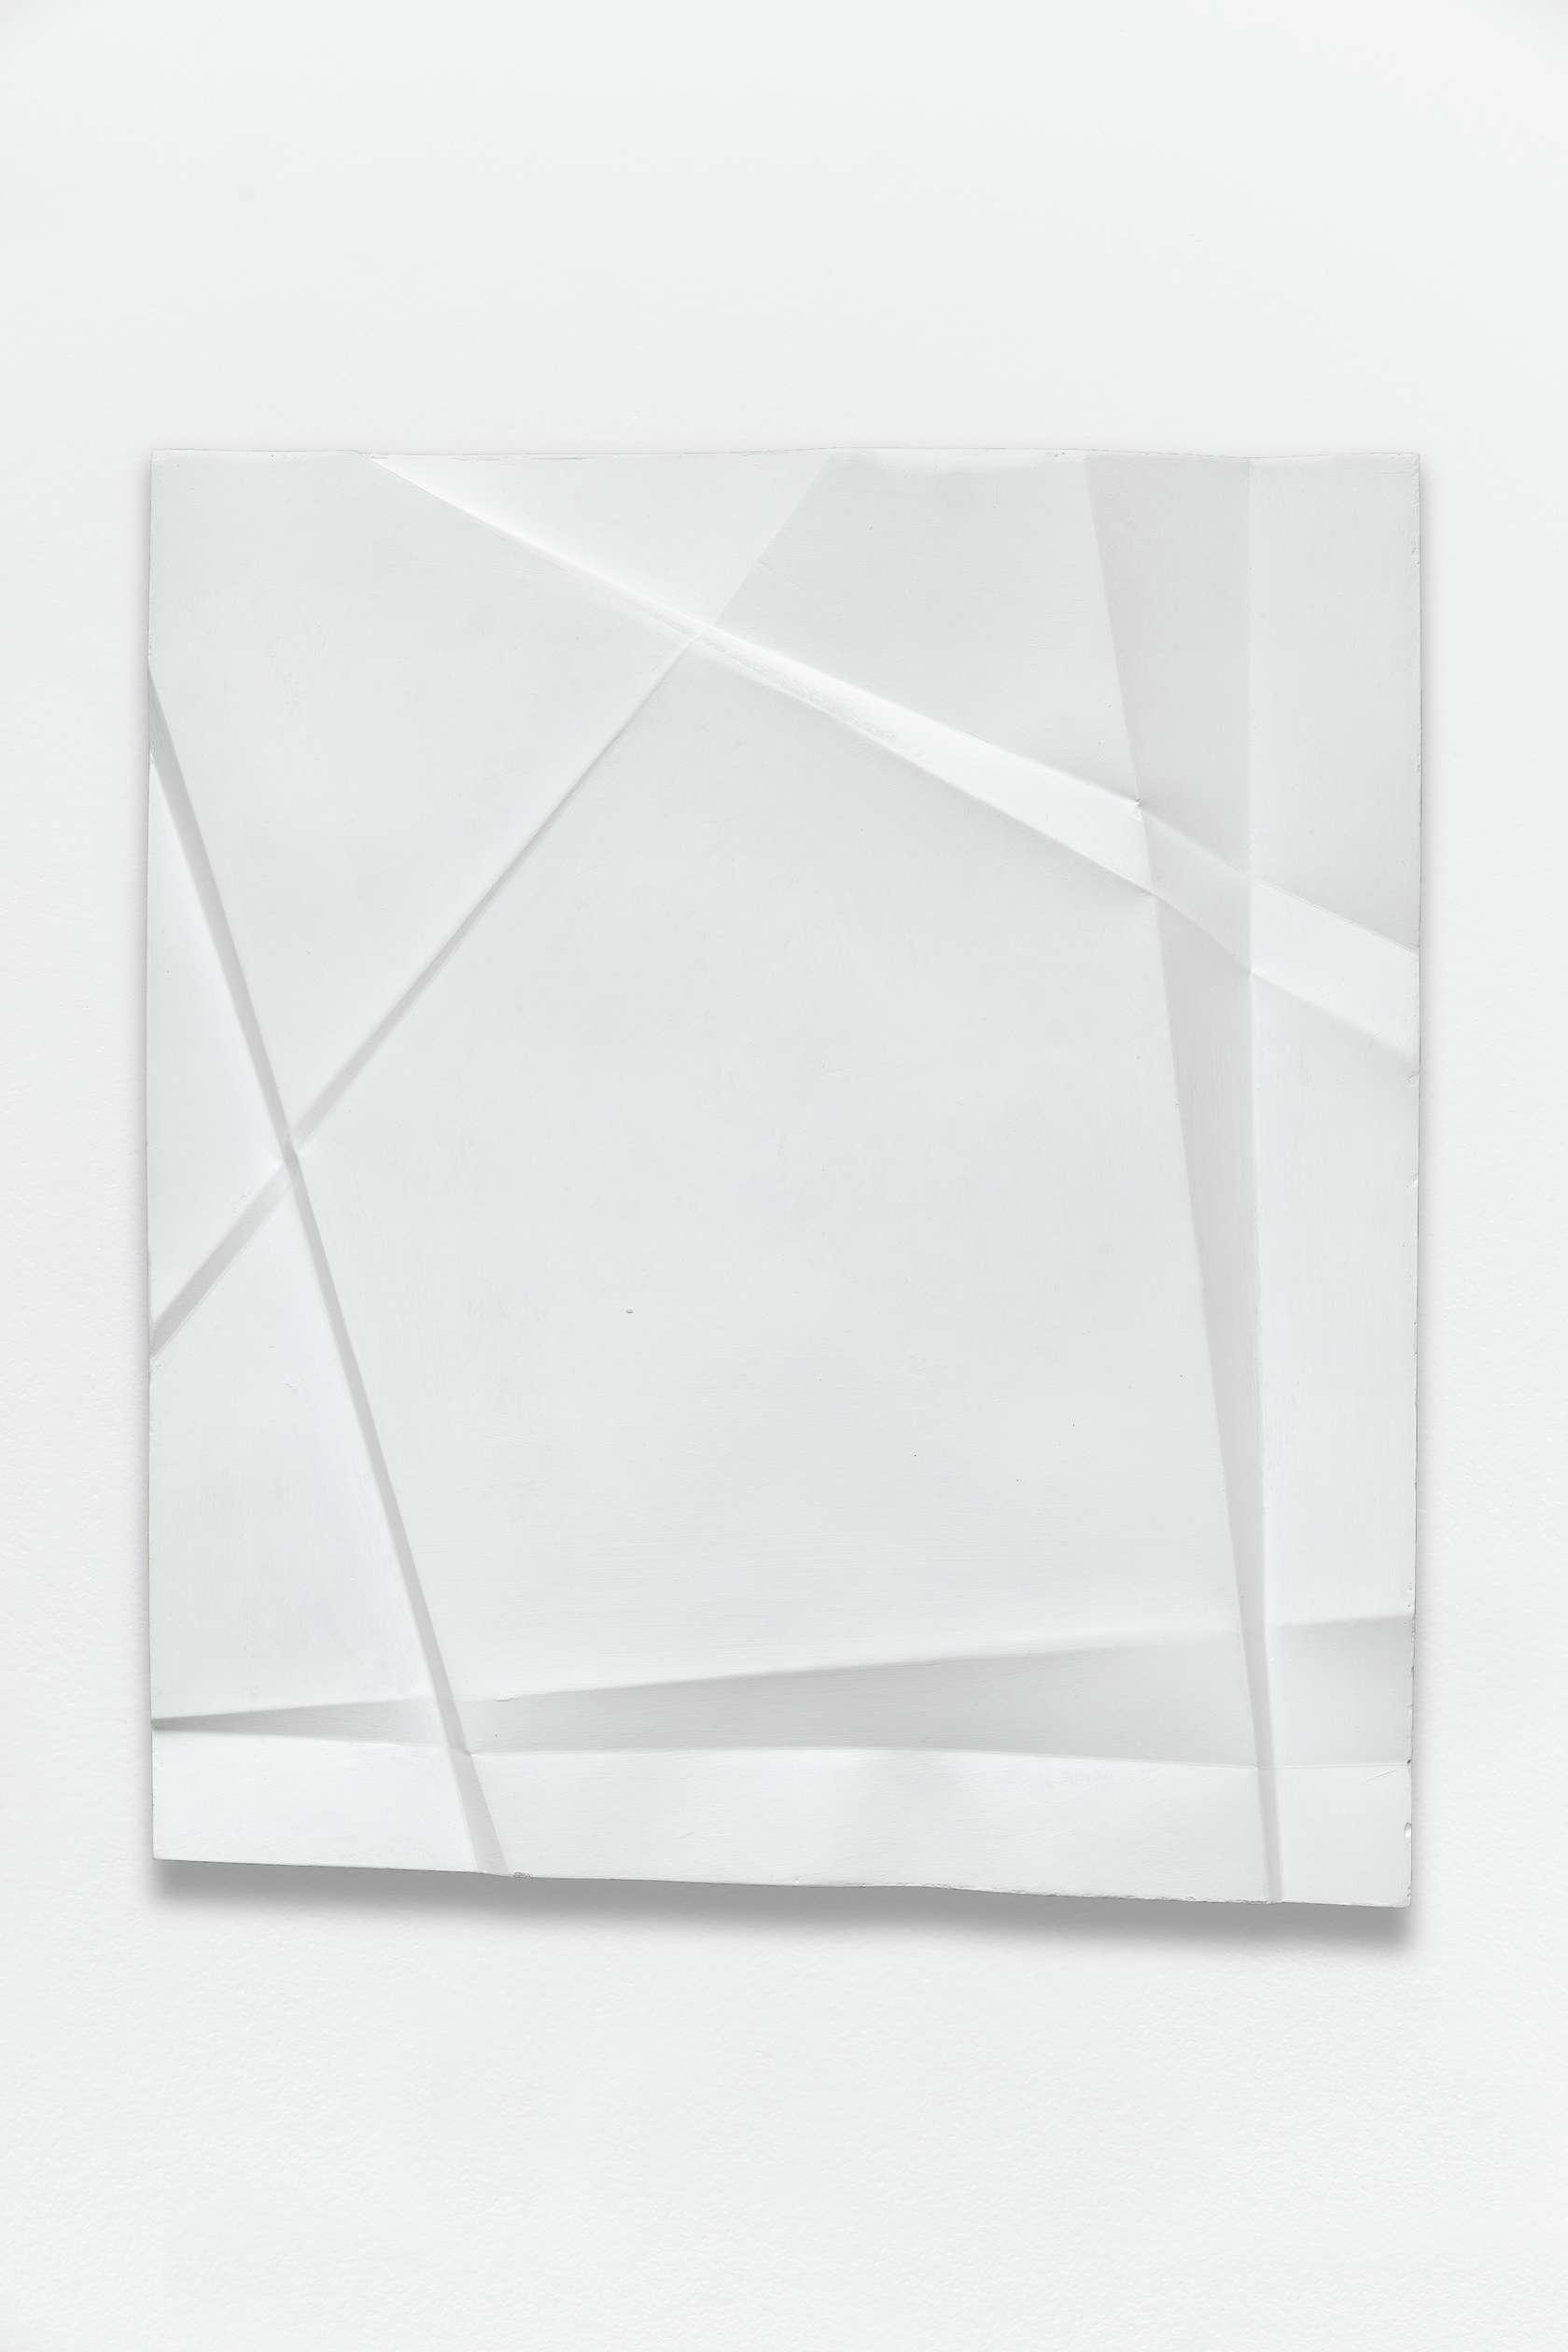 Beat Zoderer, Penta Guss, 2018 Plâtre et acrylique42 x 37.2 cm / 16 1/2 x 14 5/8 inches